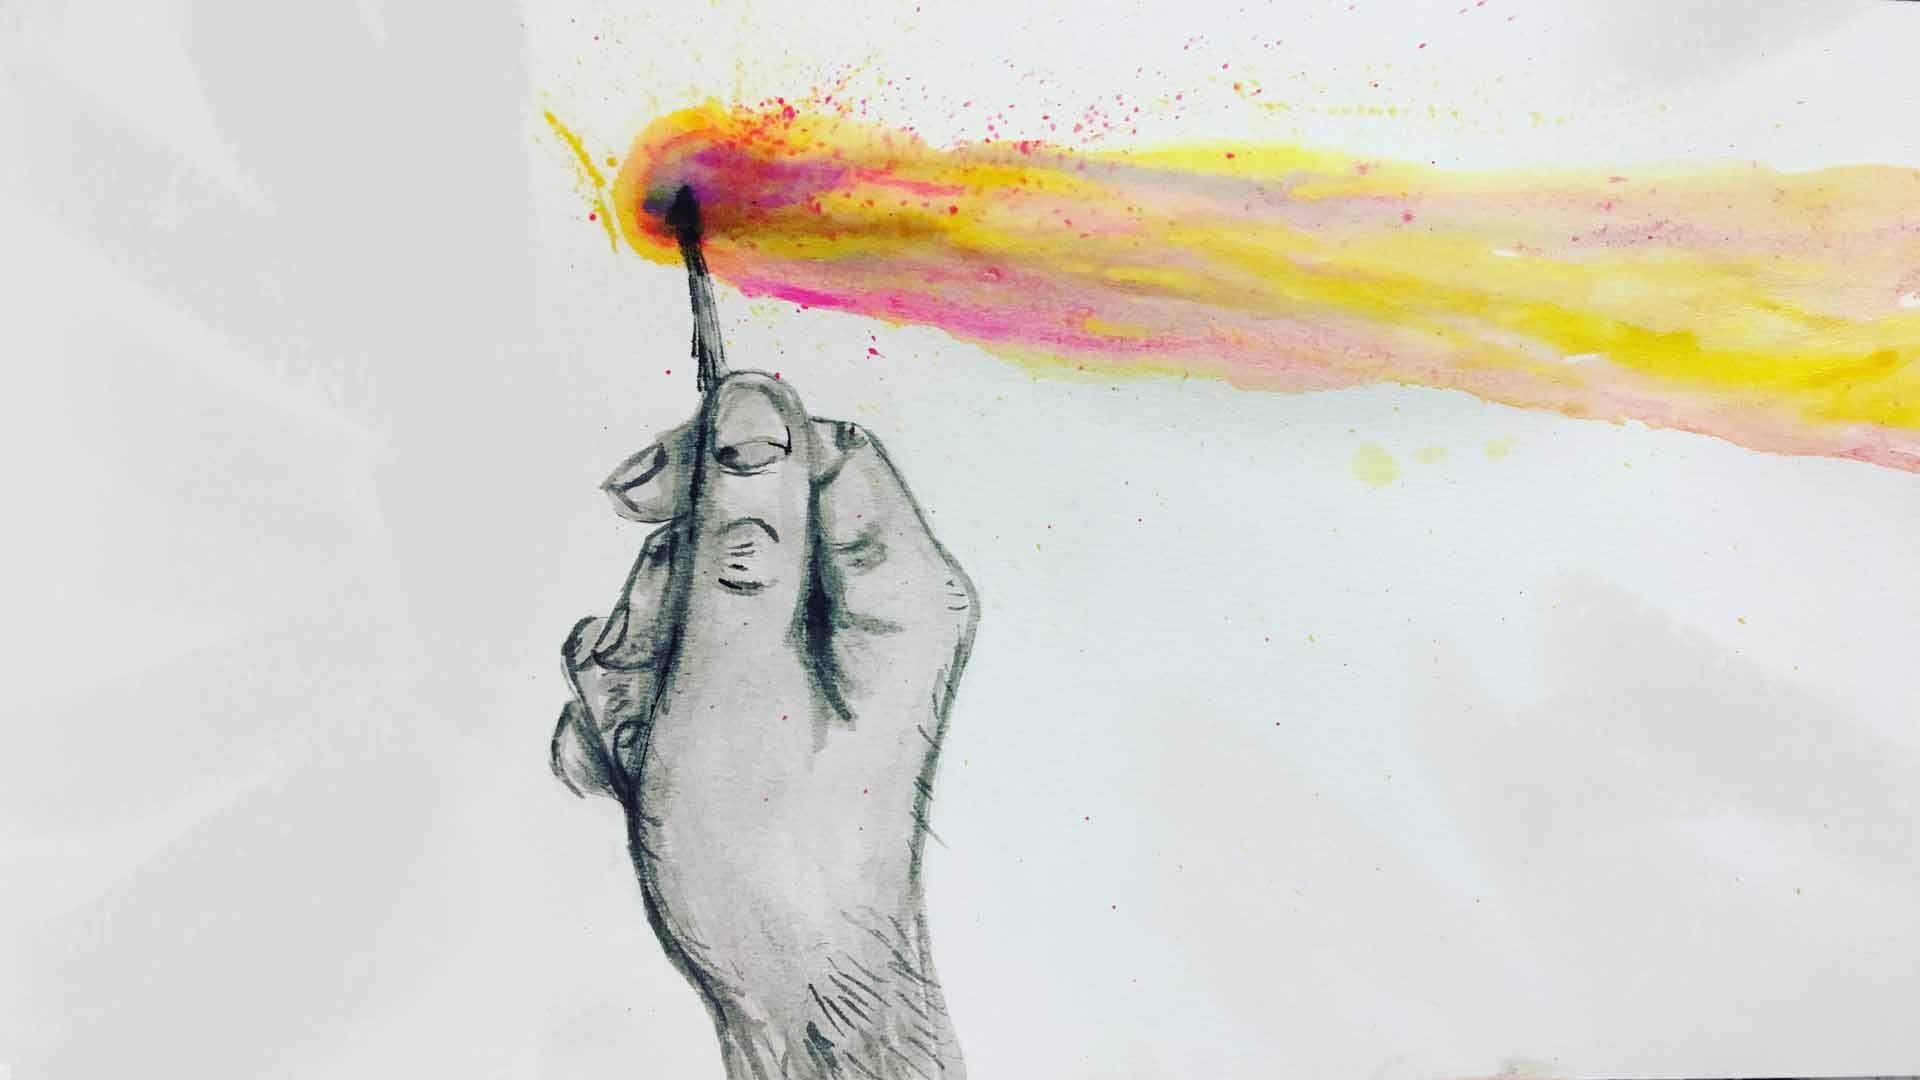 Y el fuego